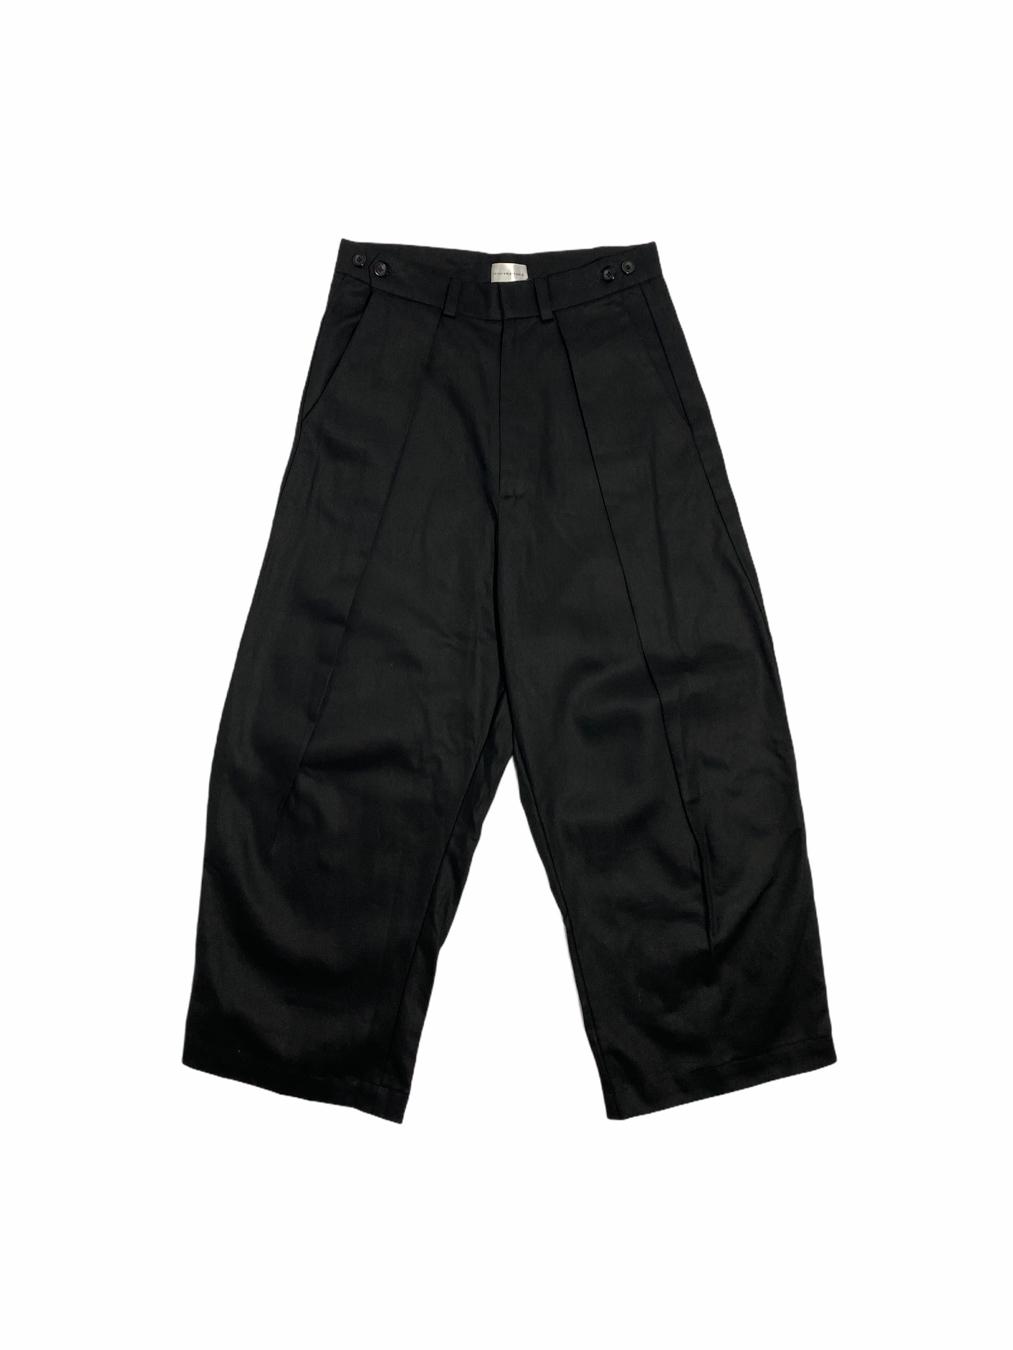 Mine Pants (Black)